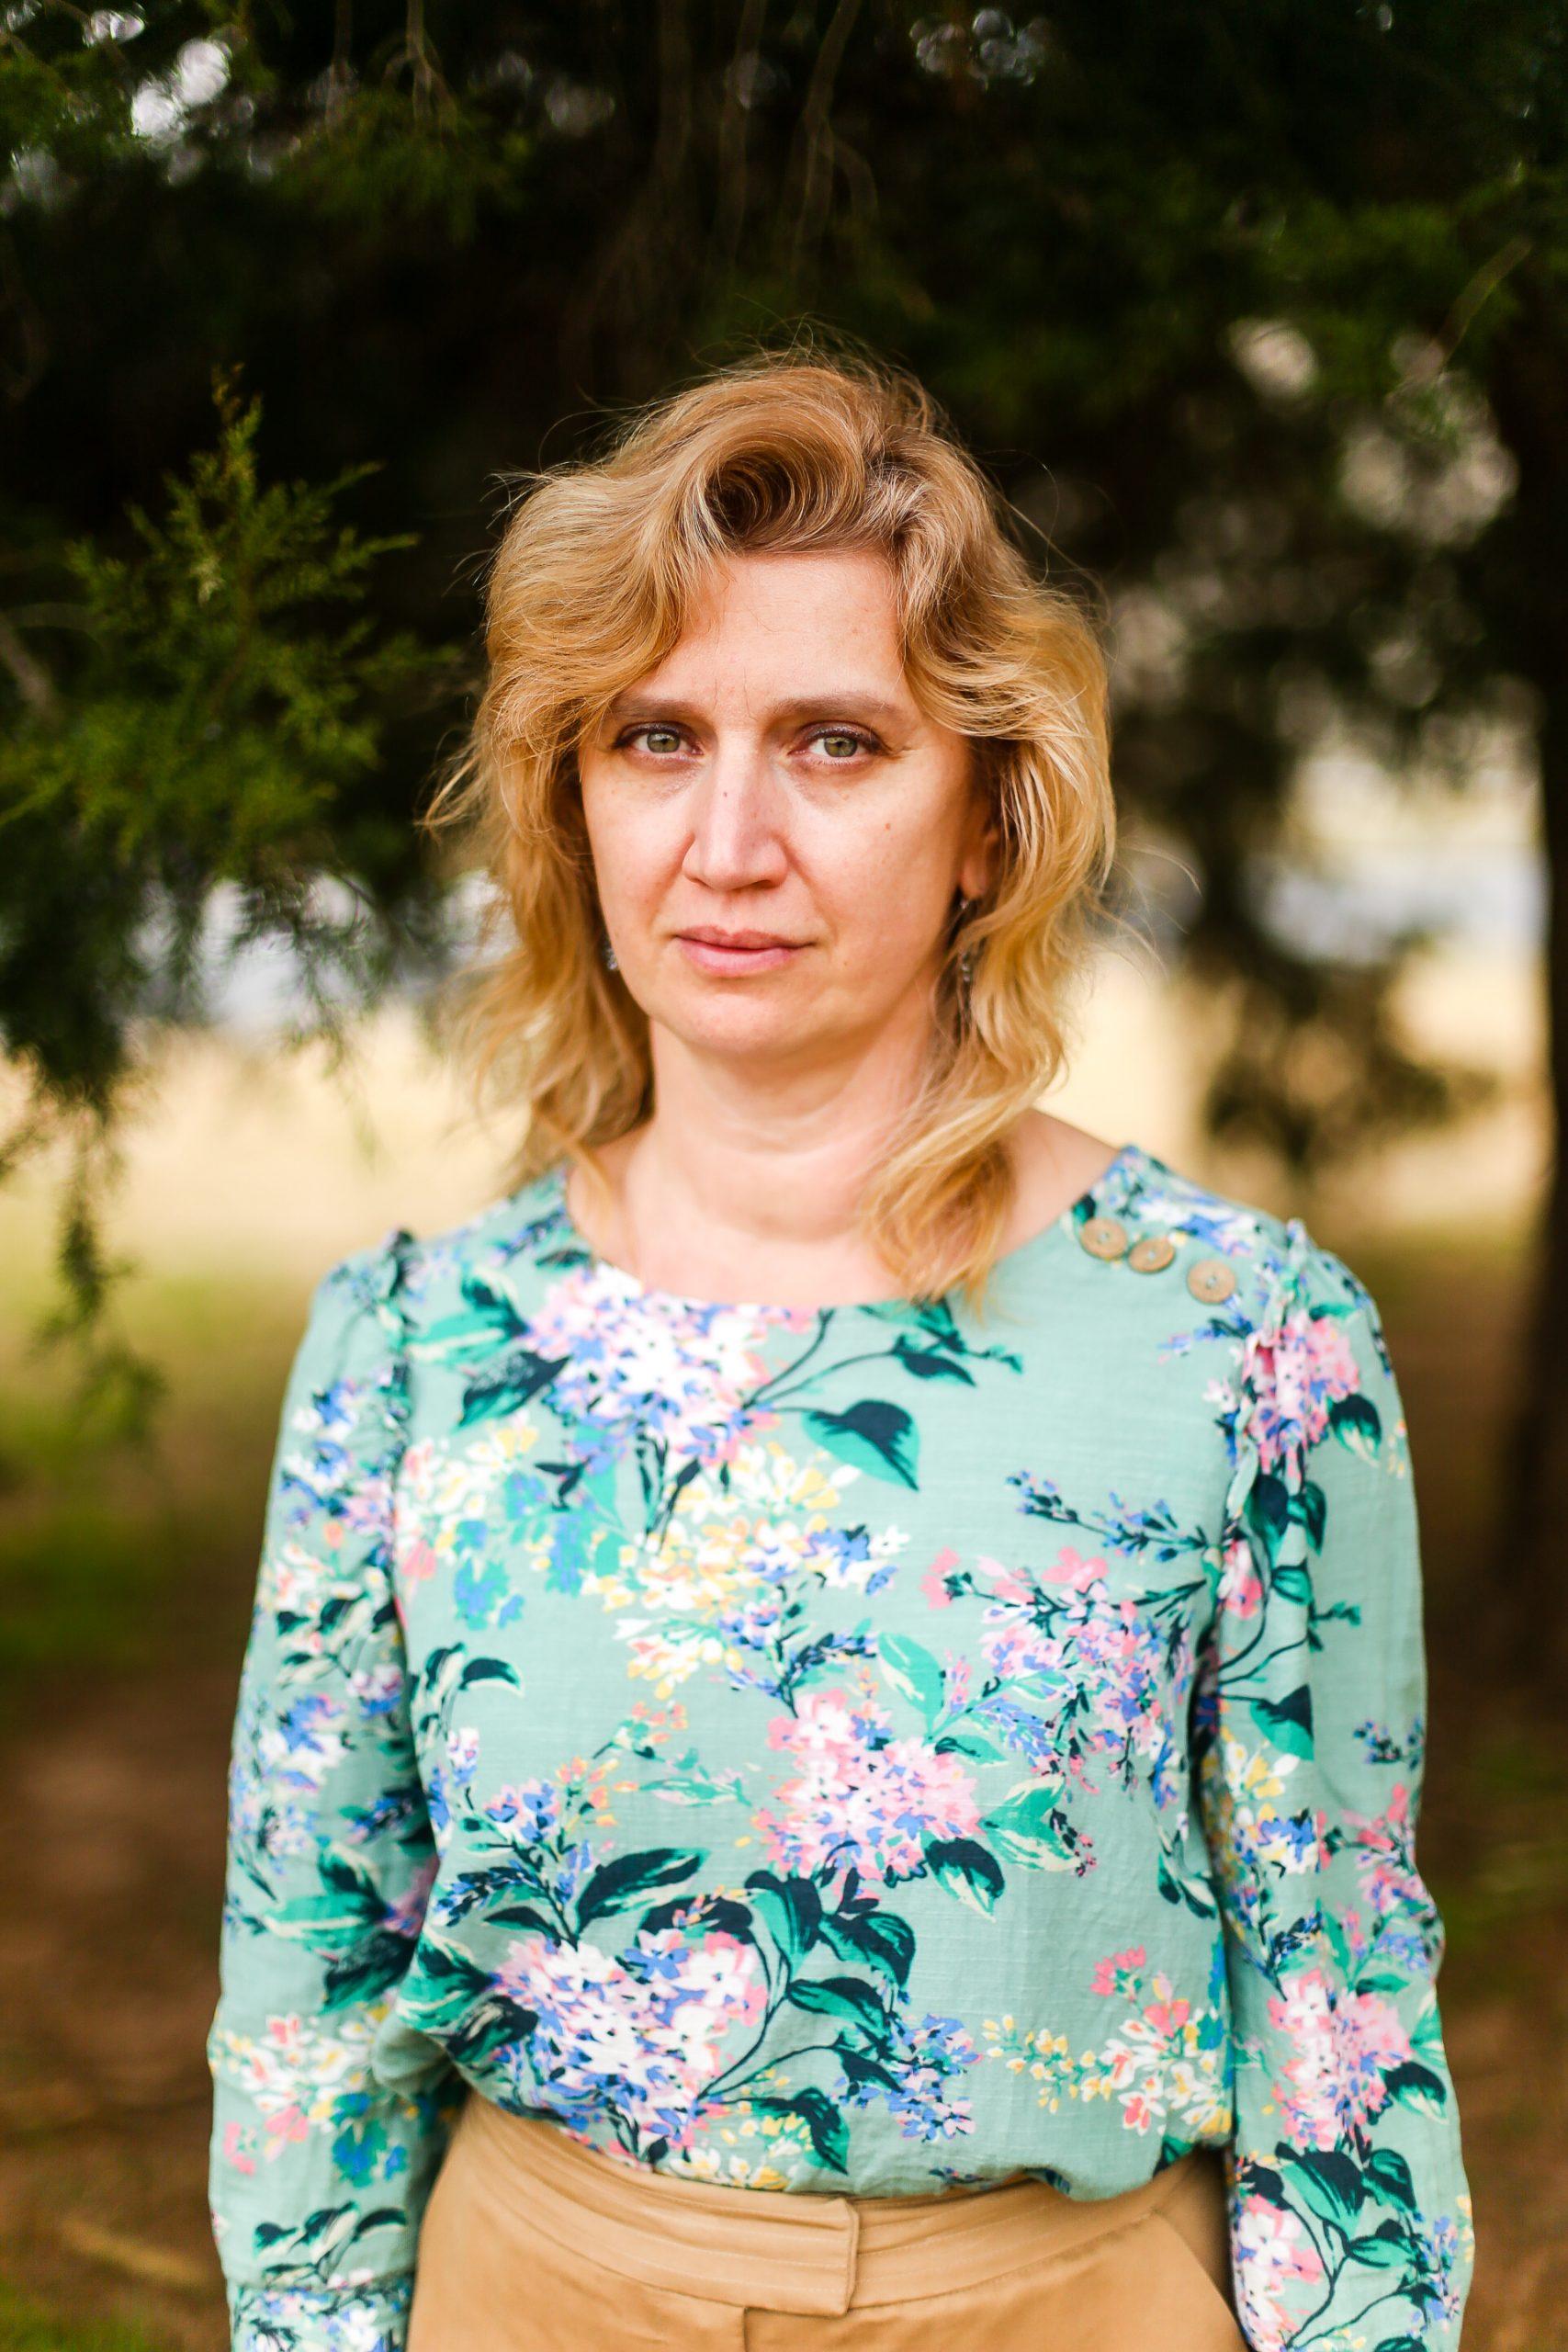 Lioubo Florinskai